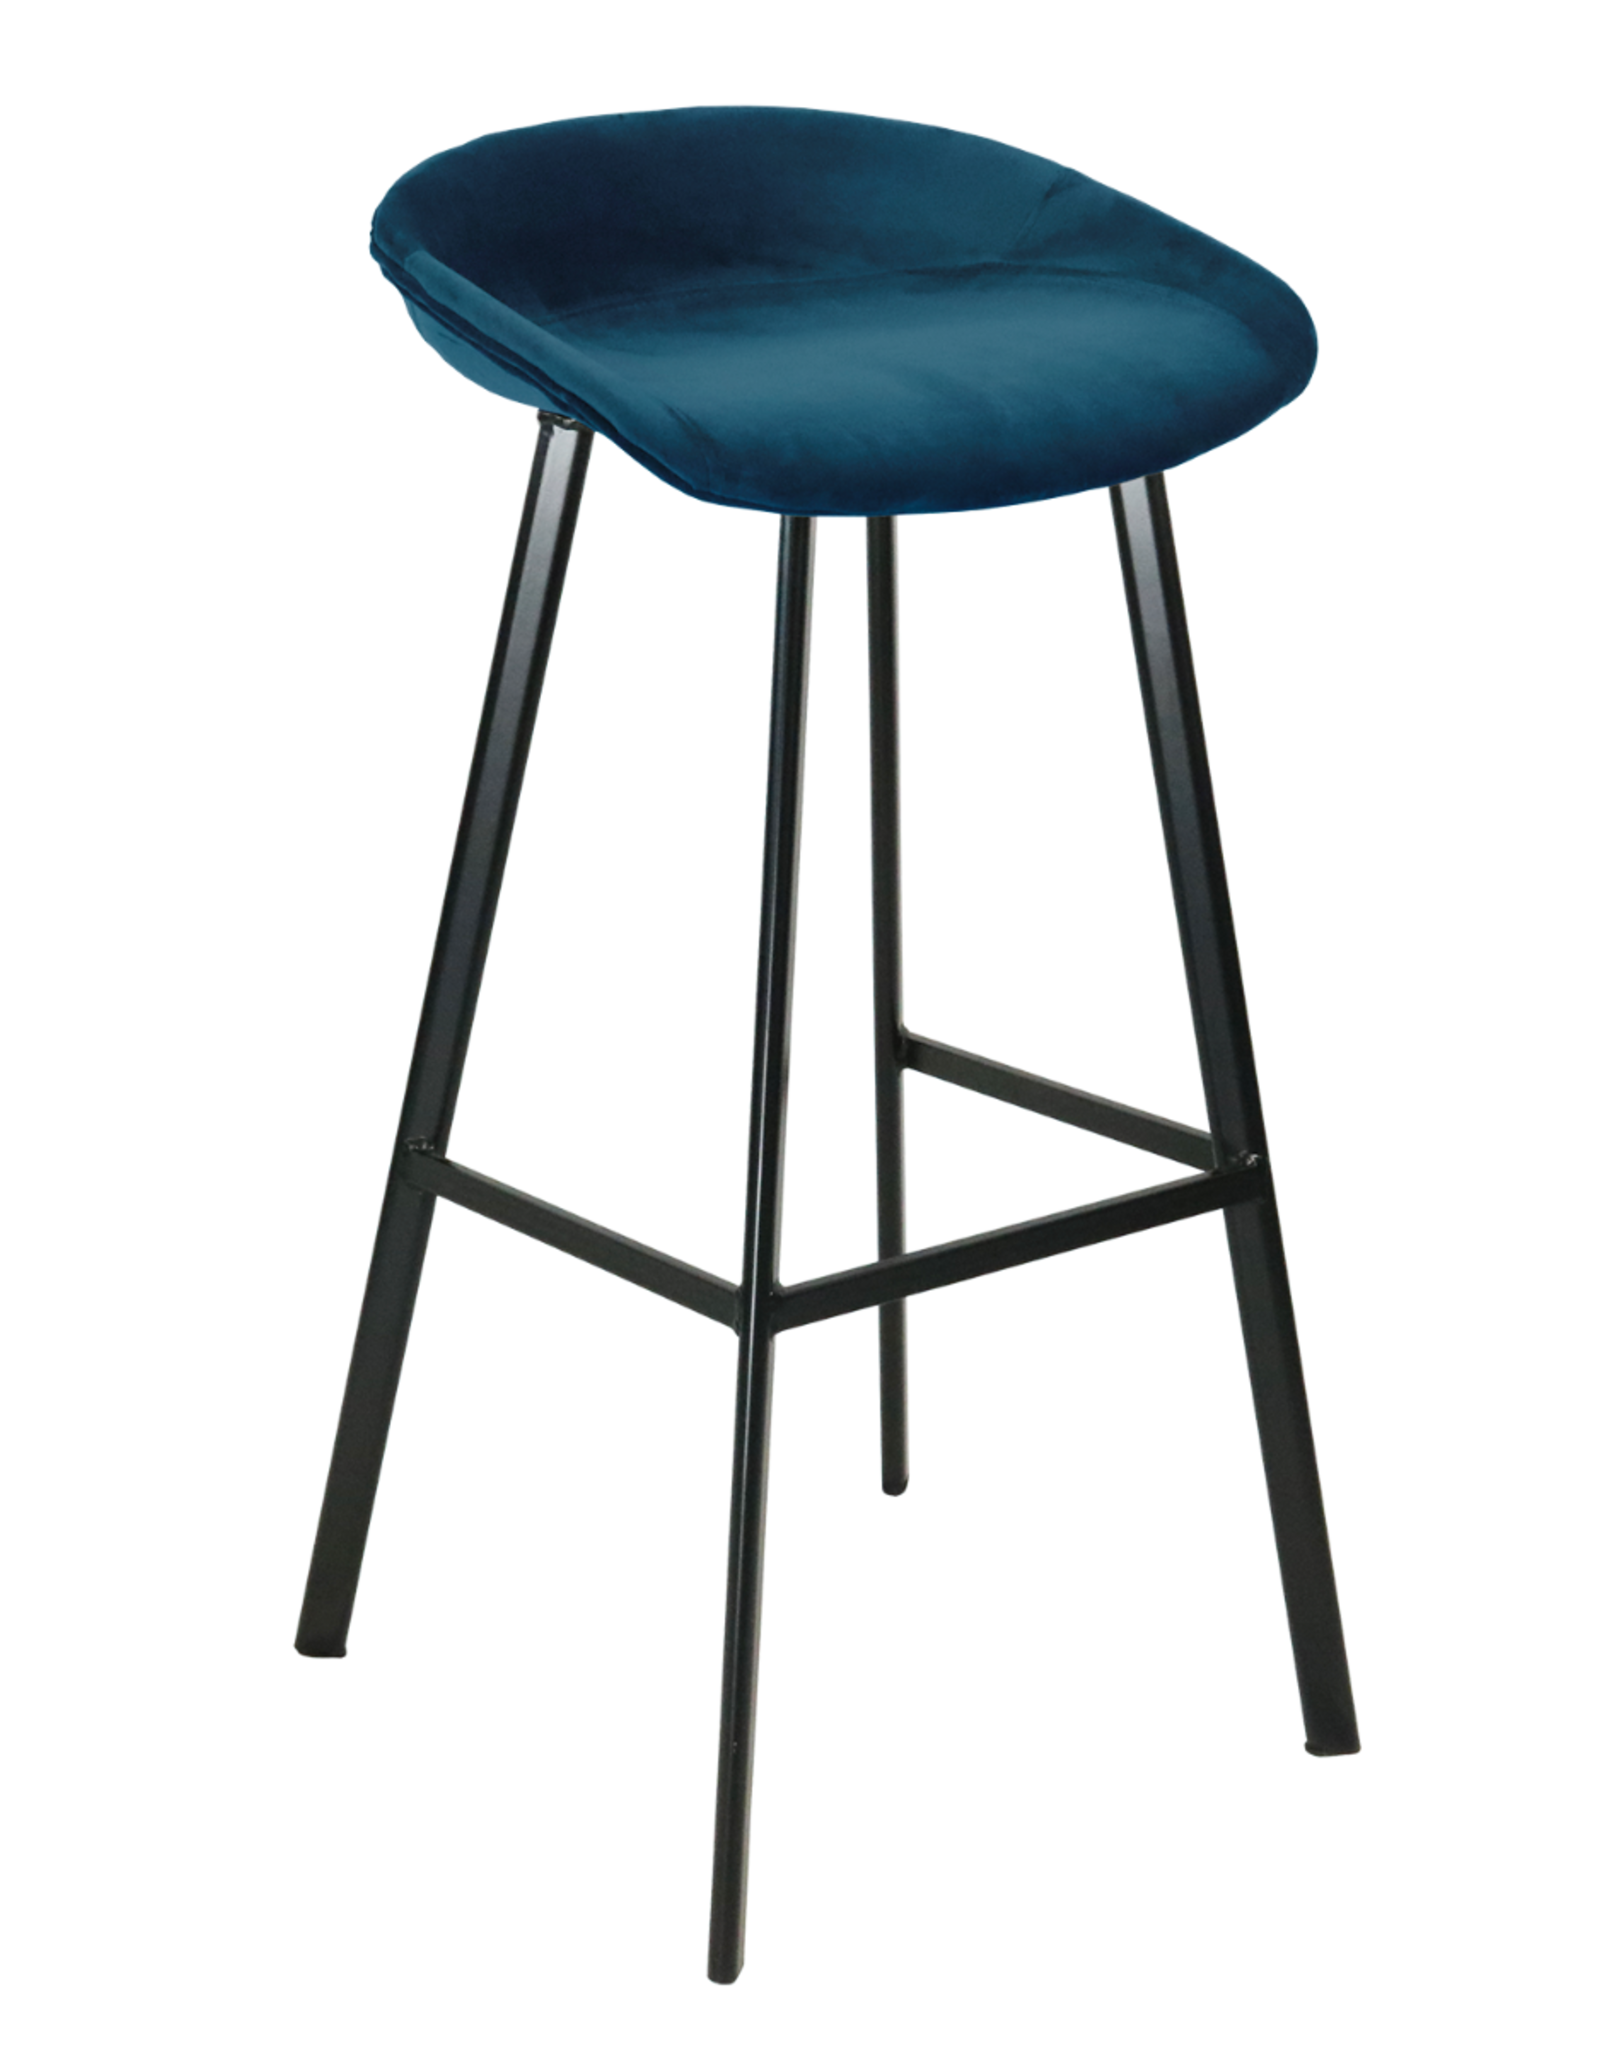 Barkruk Velvet Stool (9 kleuren, 2 hoogtes)